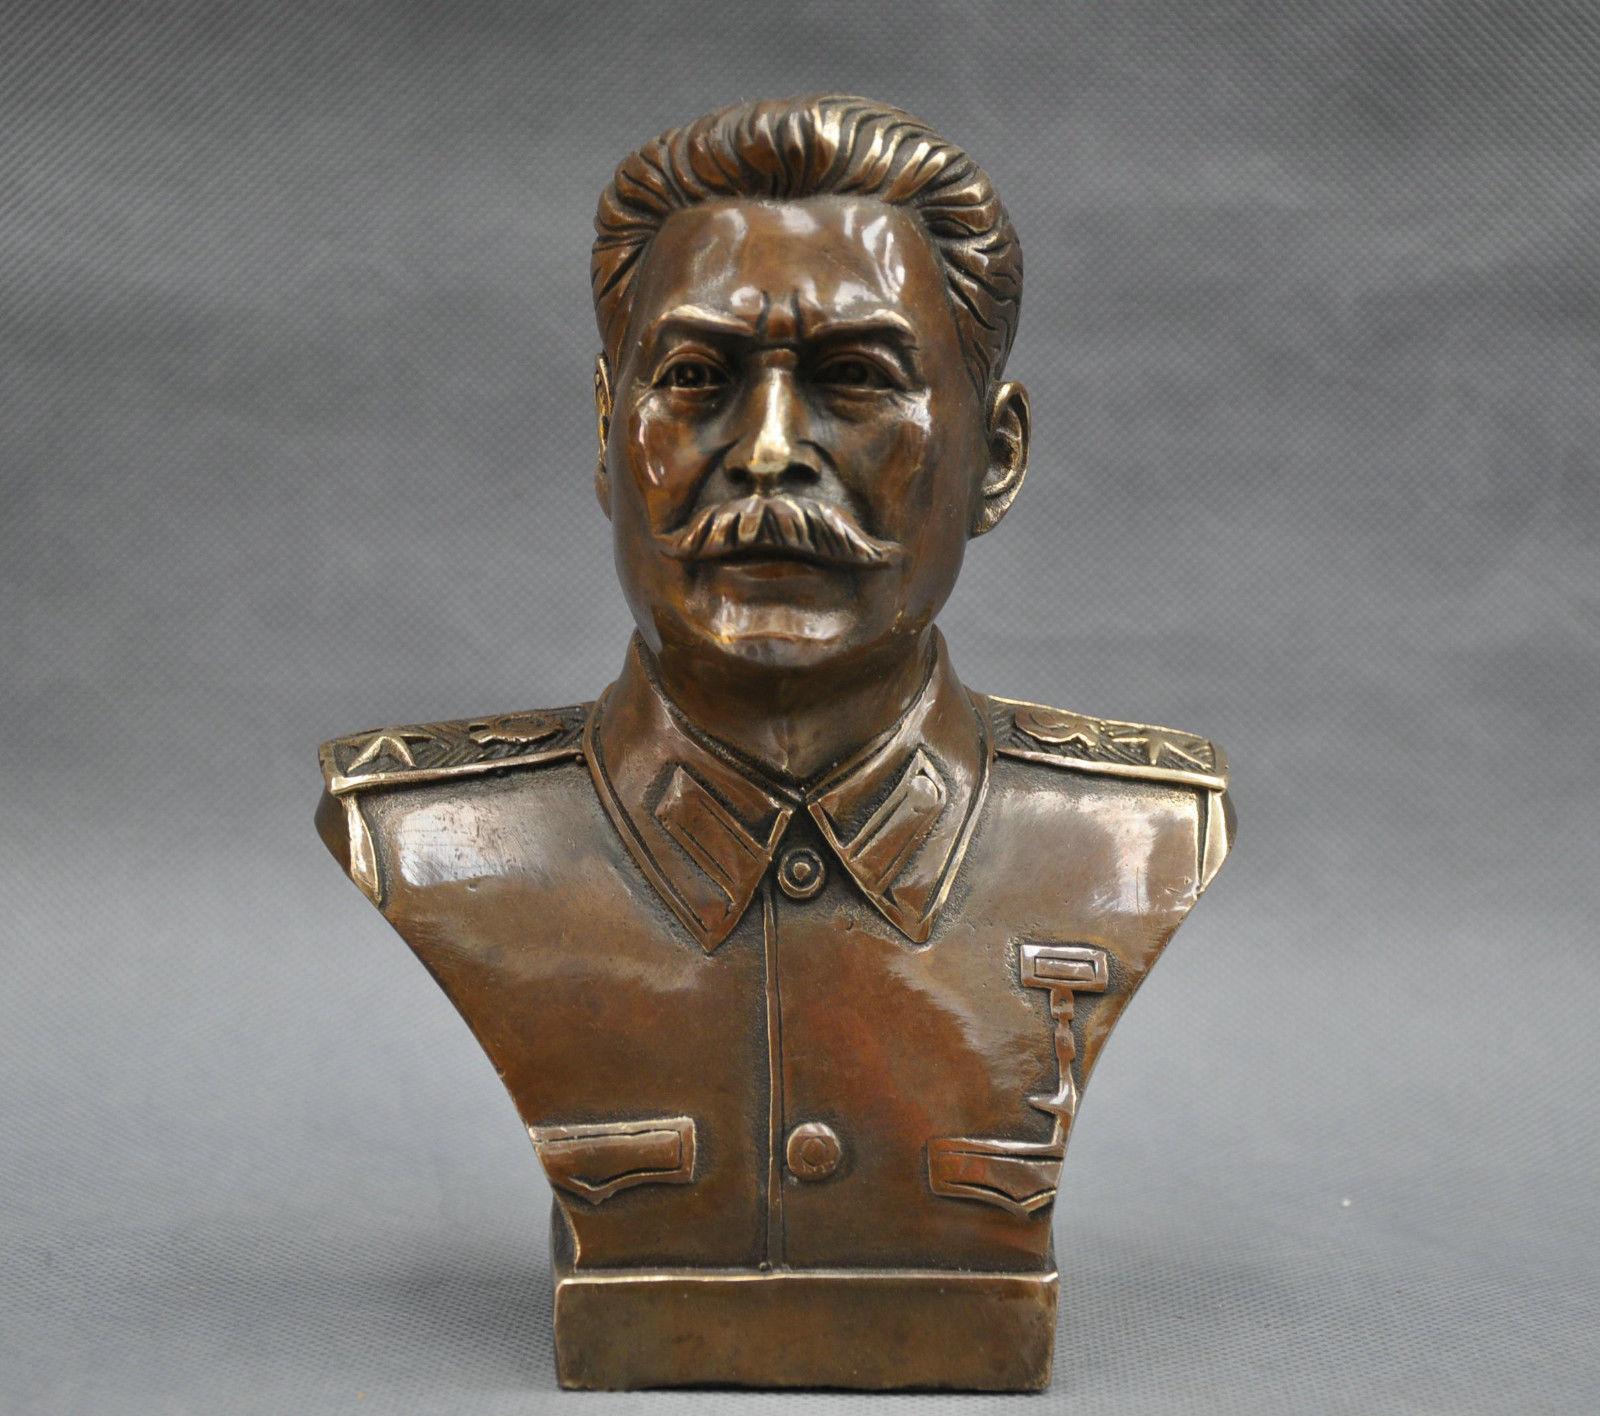 Russian Leader Joseph Stalin Bust Bronze StatueRussian Leader Joseph Stalin Bust Bronze Statue